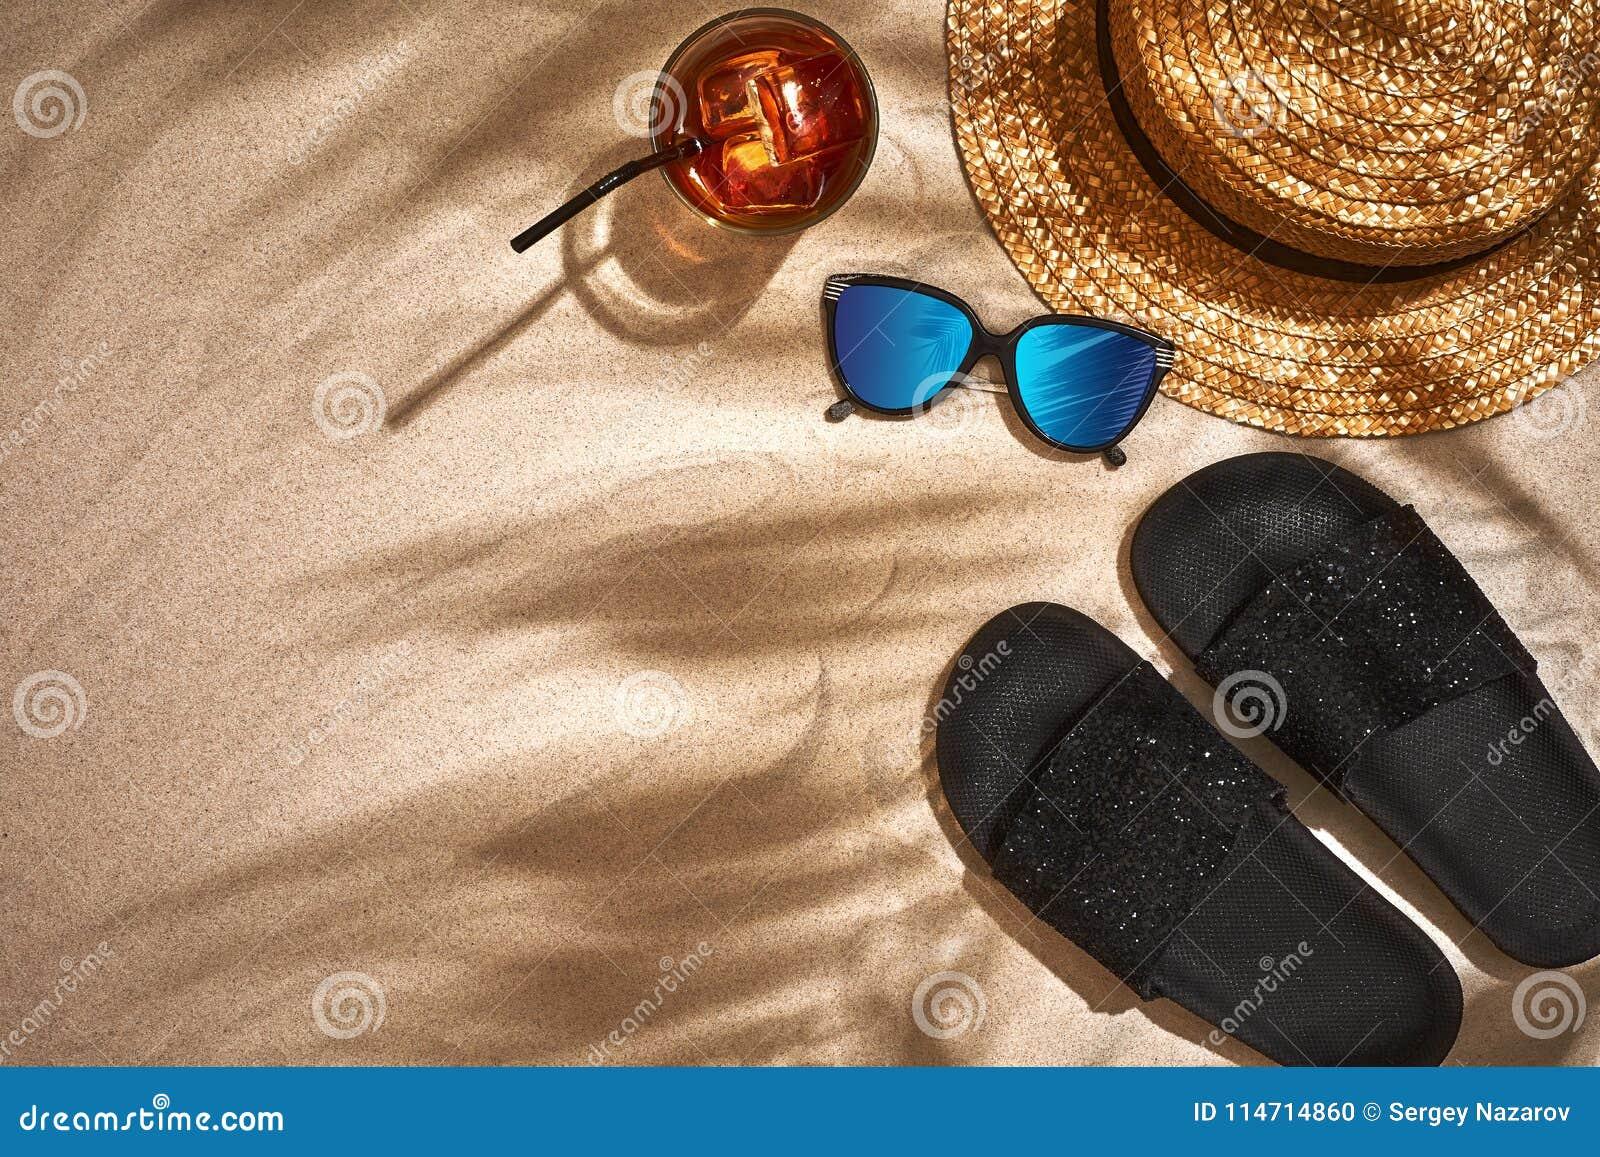 Sandal, sugrörhatt och solglasögon på en sandig bakgrund, bästa sikt